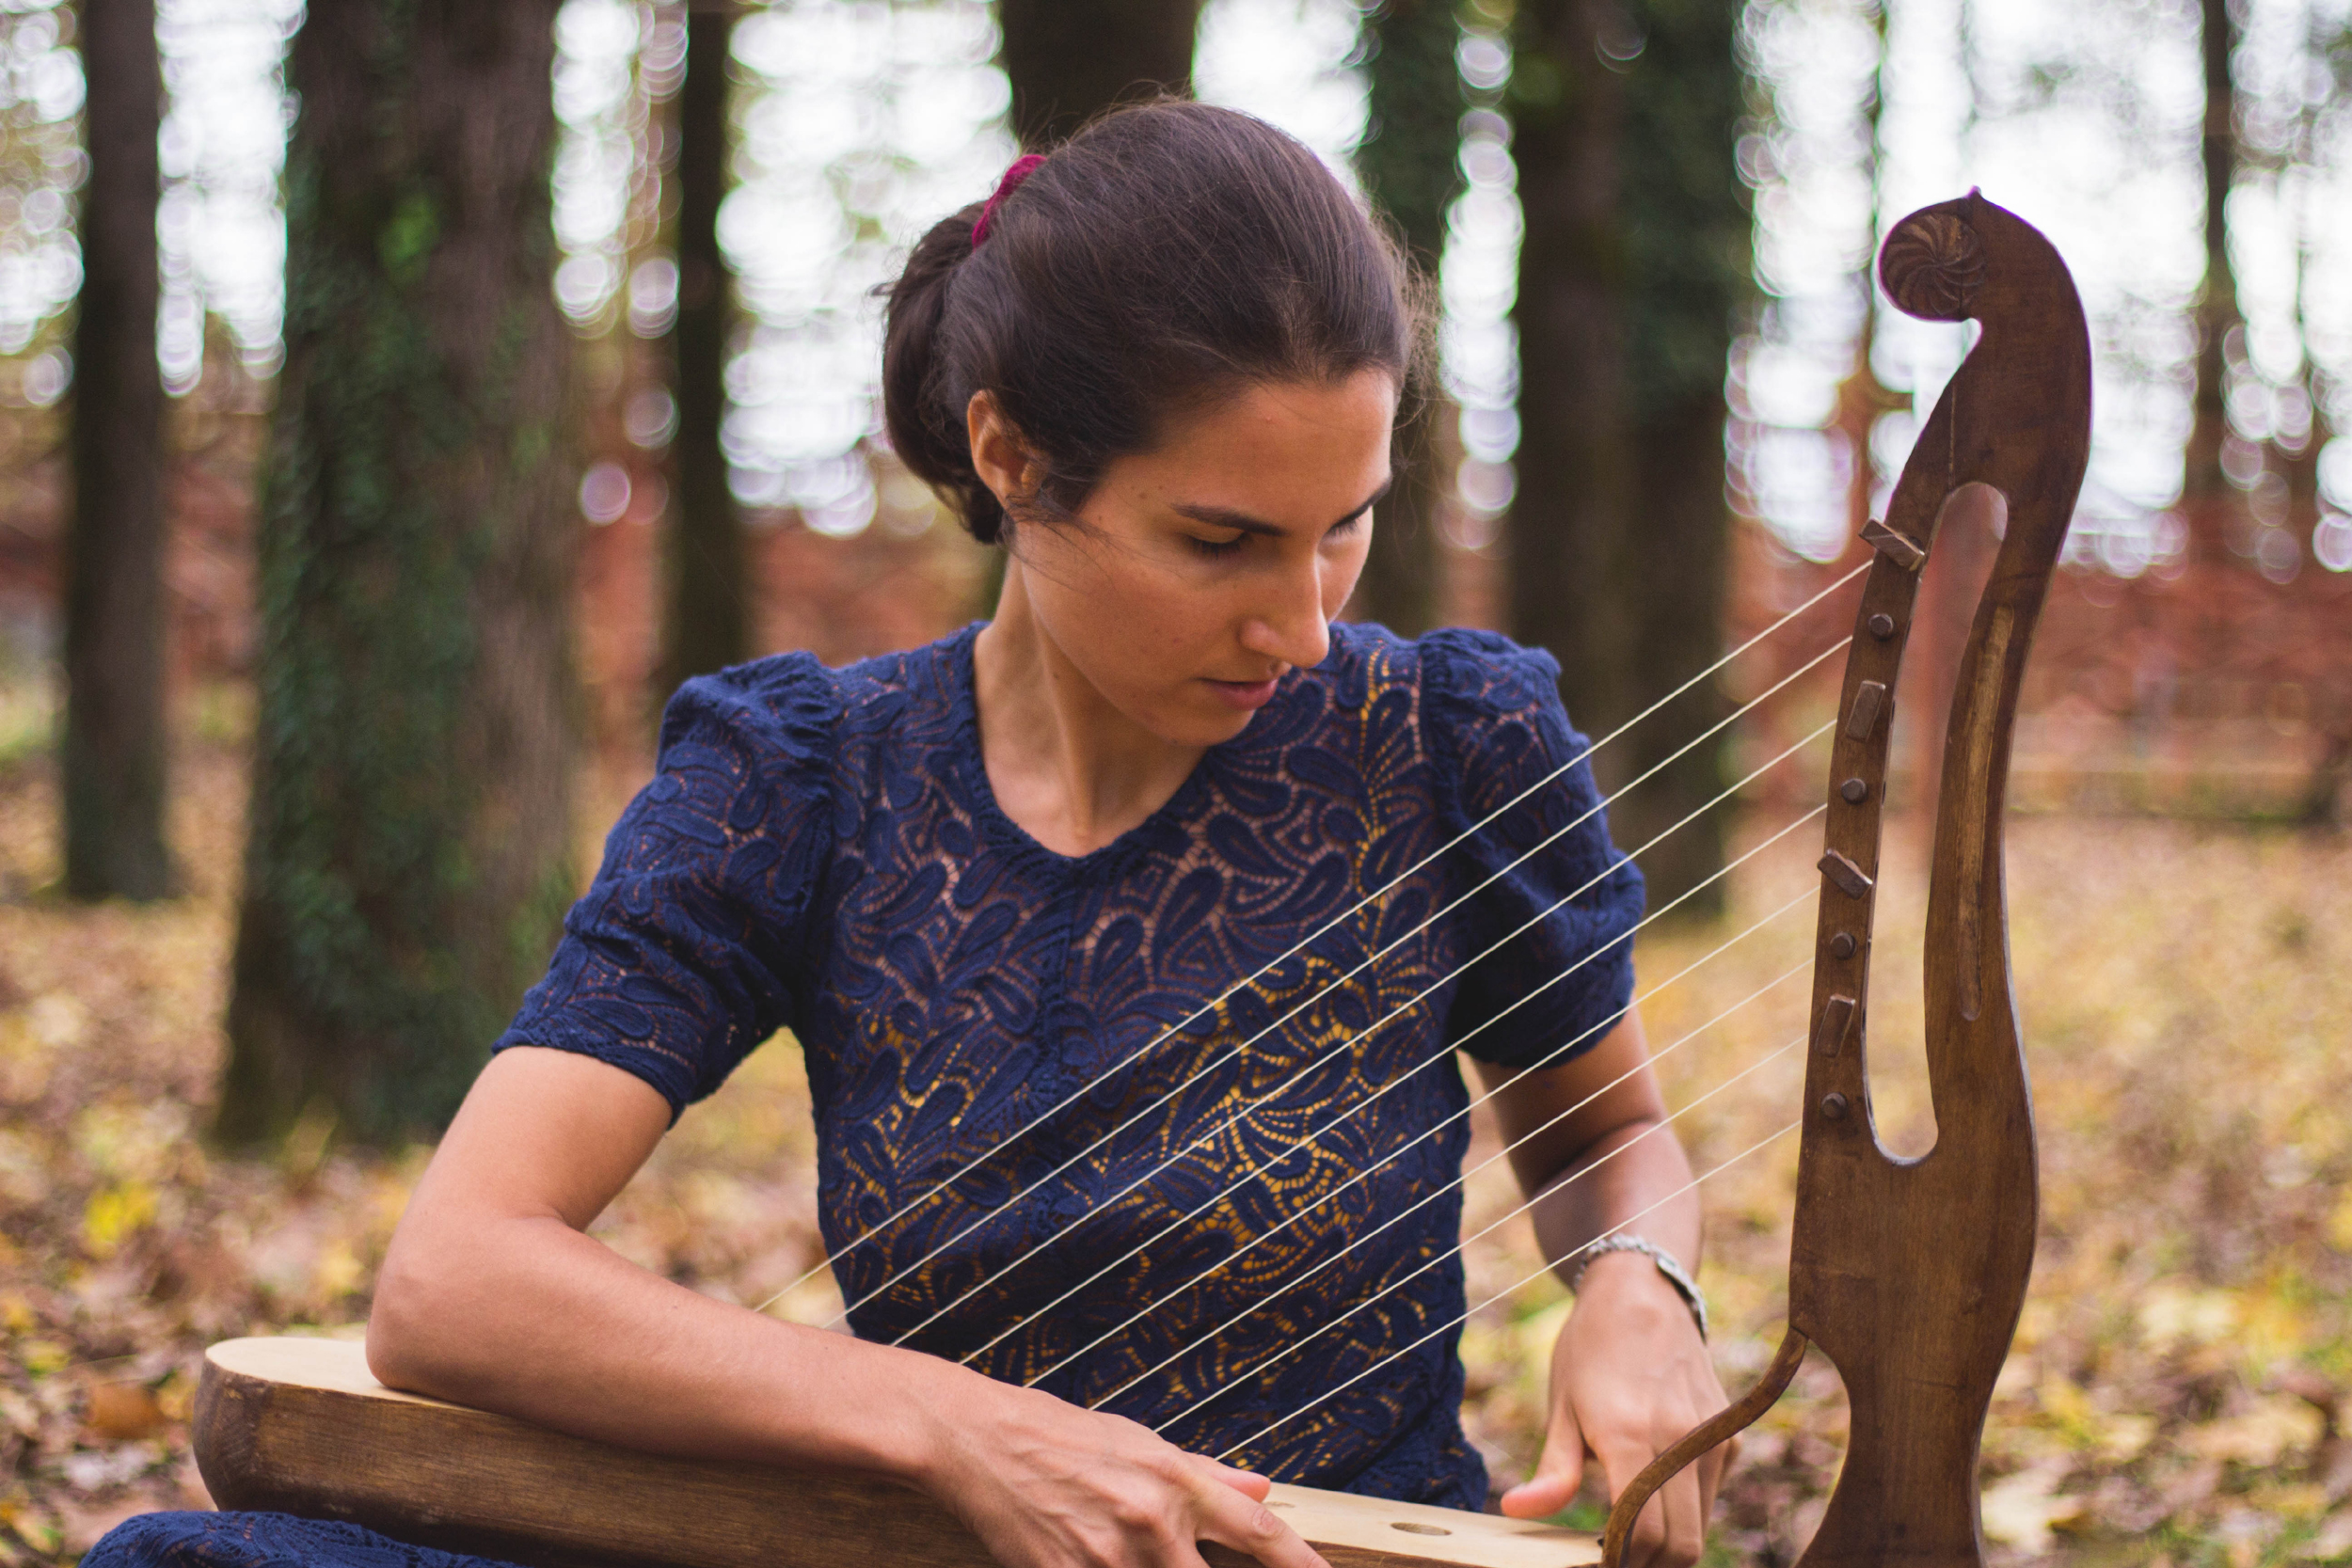 Yoanna gra na swańskim instrumencie czangi